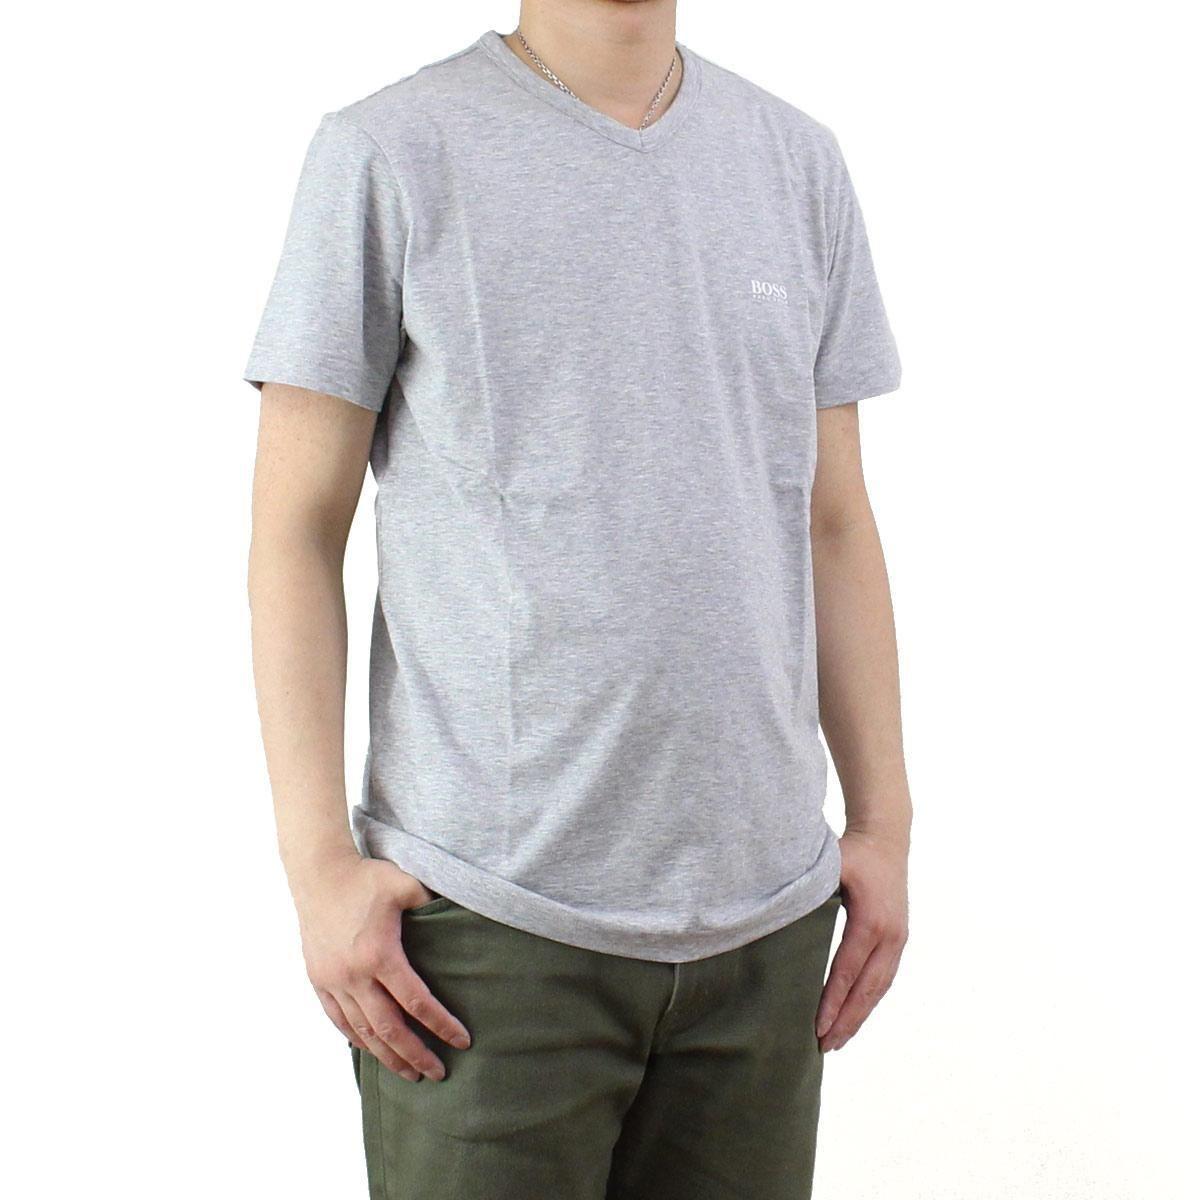 ヒューゴ・ボス (HUGO BOSS) TEEVN メンズ Vネック Tシャツ 50271056 10106415 059 グレー系 サイズ(#M)